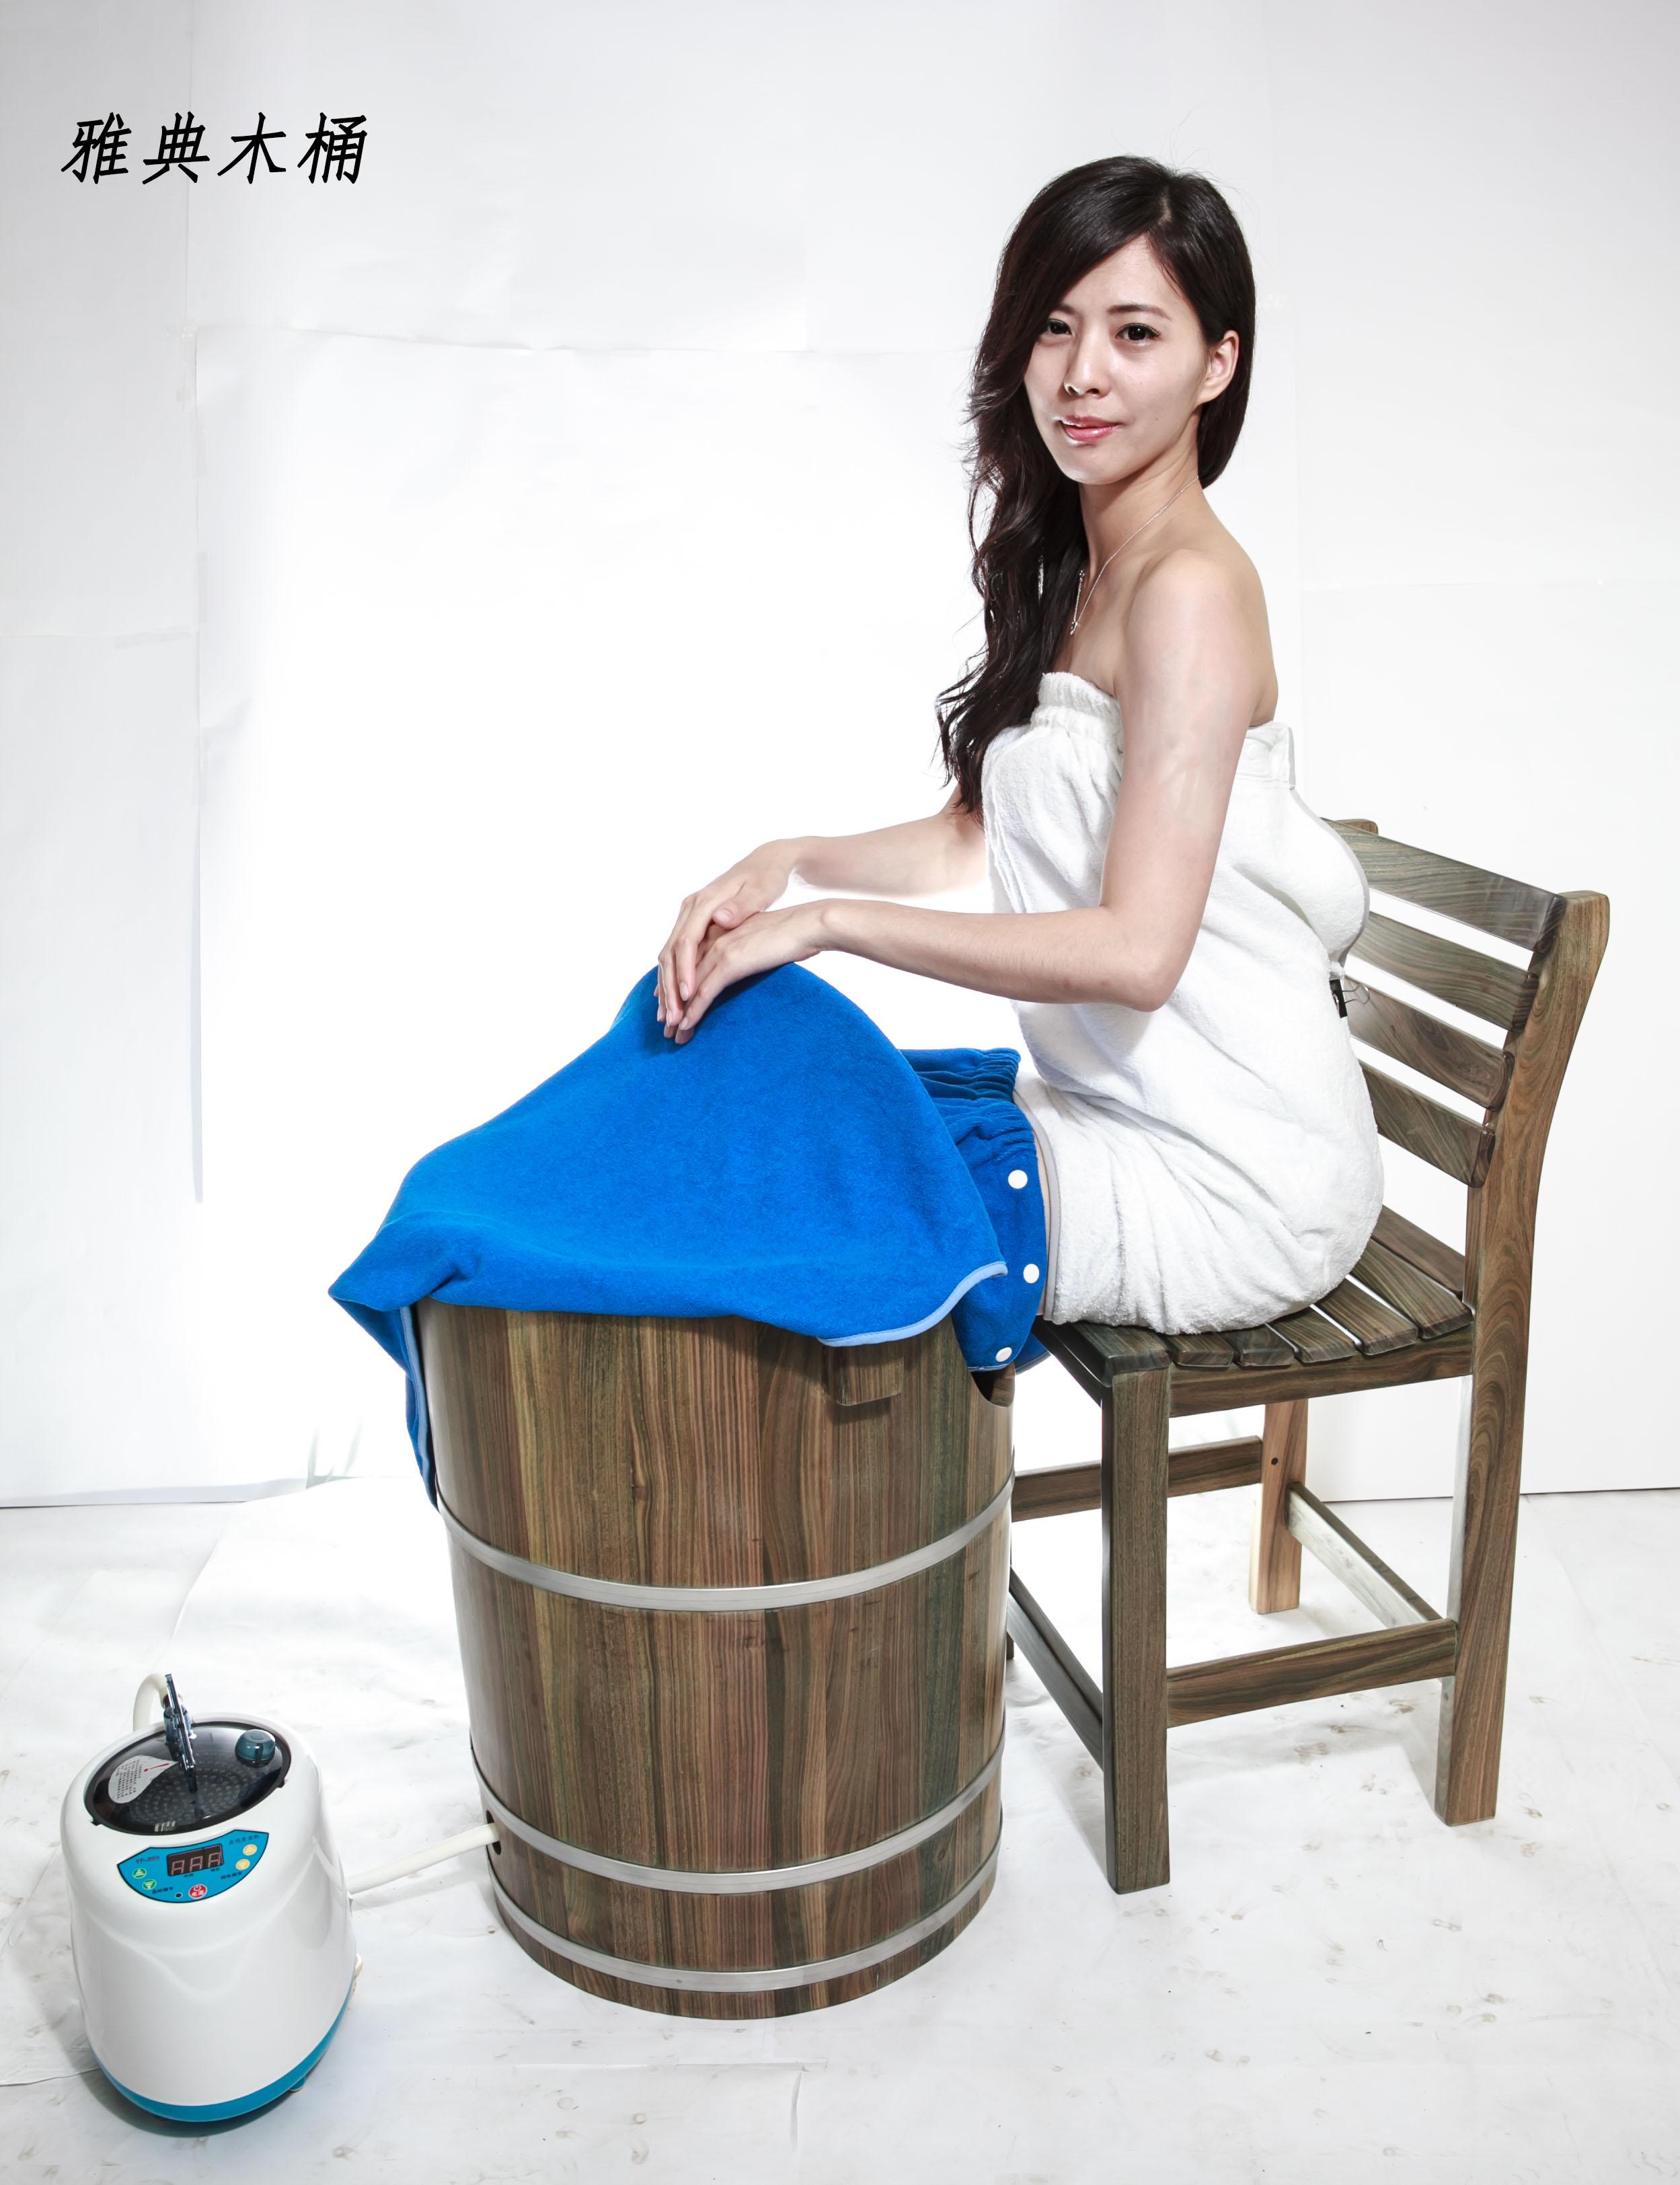 蒸腳幫助血液循環 綠檀木 蒸腳桶 足蒸桶 蒸腰桶 )台灣第一領導品牌-雅典木桶 木浴缸、方形木桶、泡腳桶、蒸腳桶、蒸氣烤箱